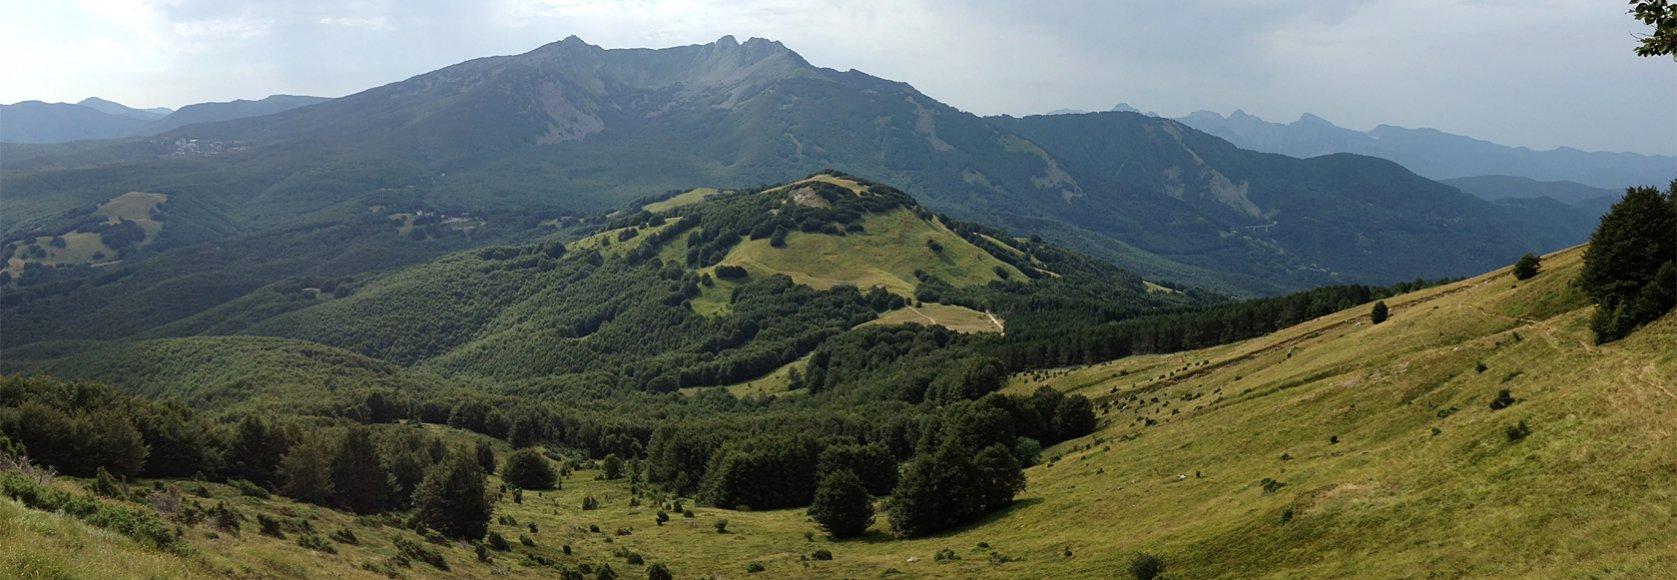 """Agroalimentare. PD-Sel: """"Valorizzare prodotti di montagna e chiarire applicazione regolamenti UE"""""""